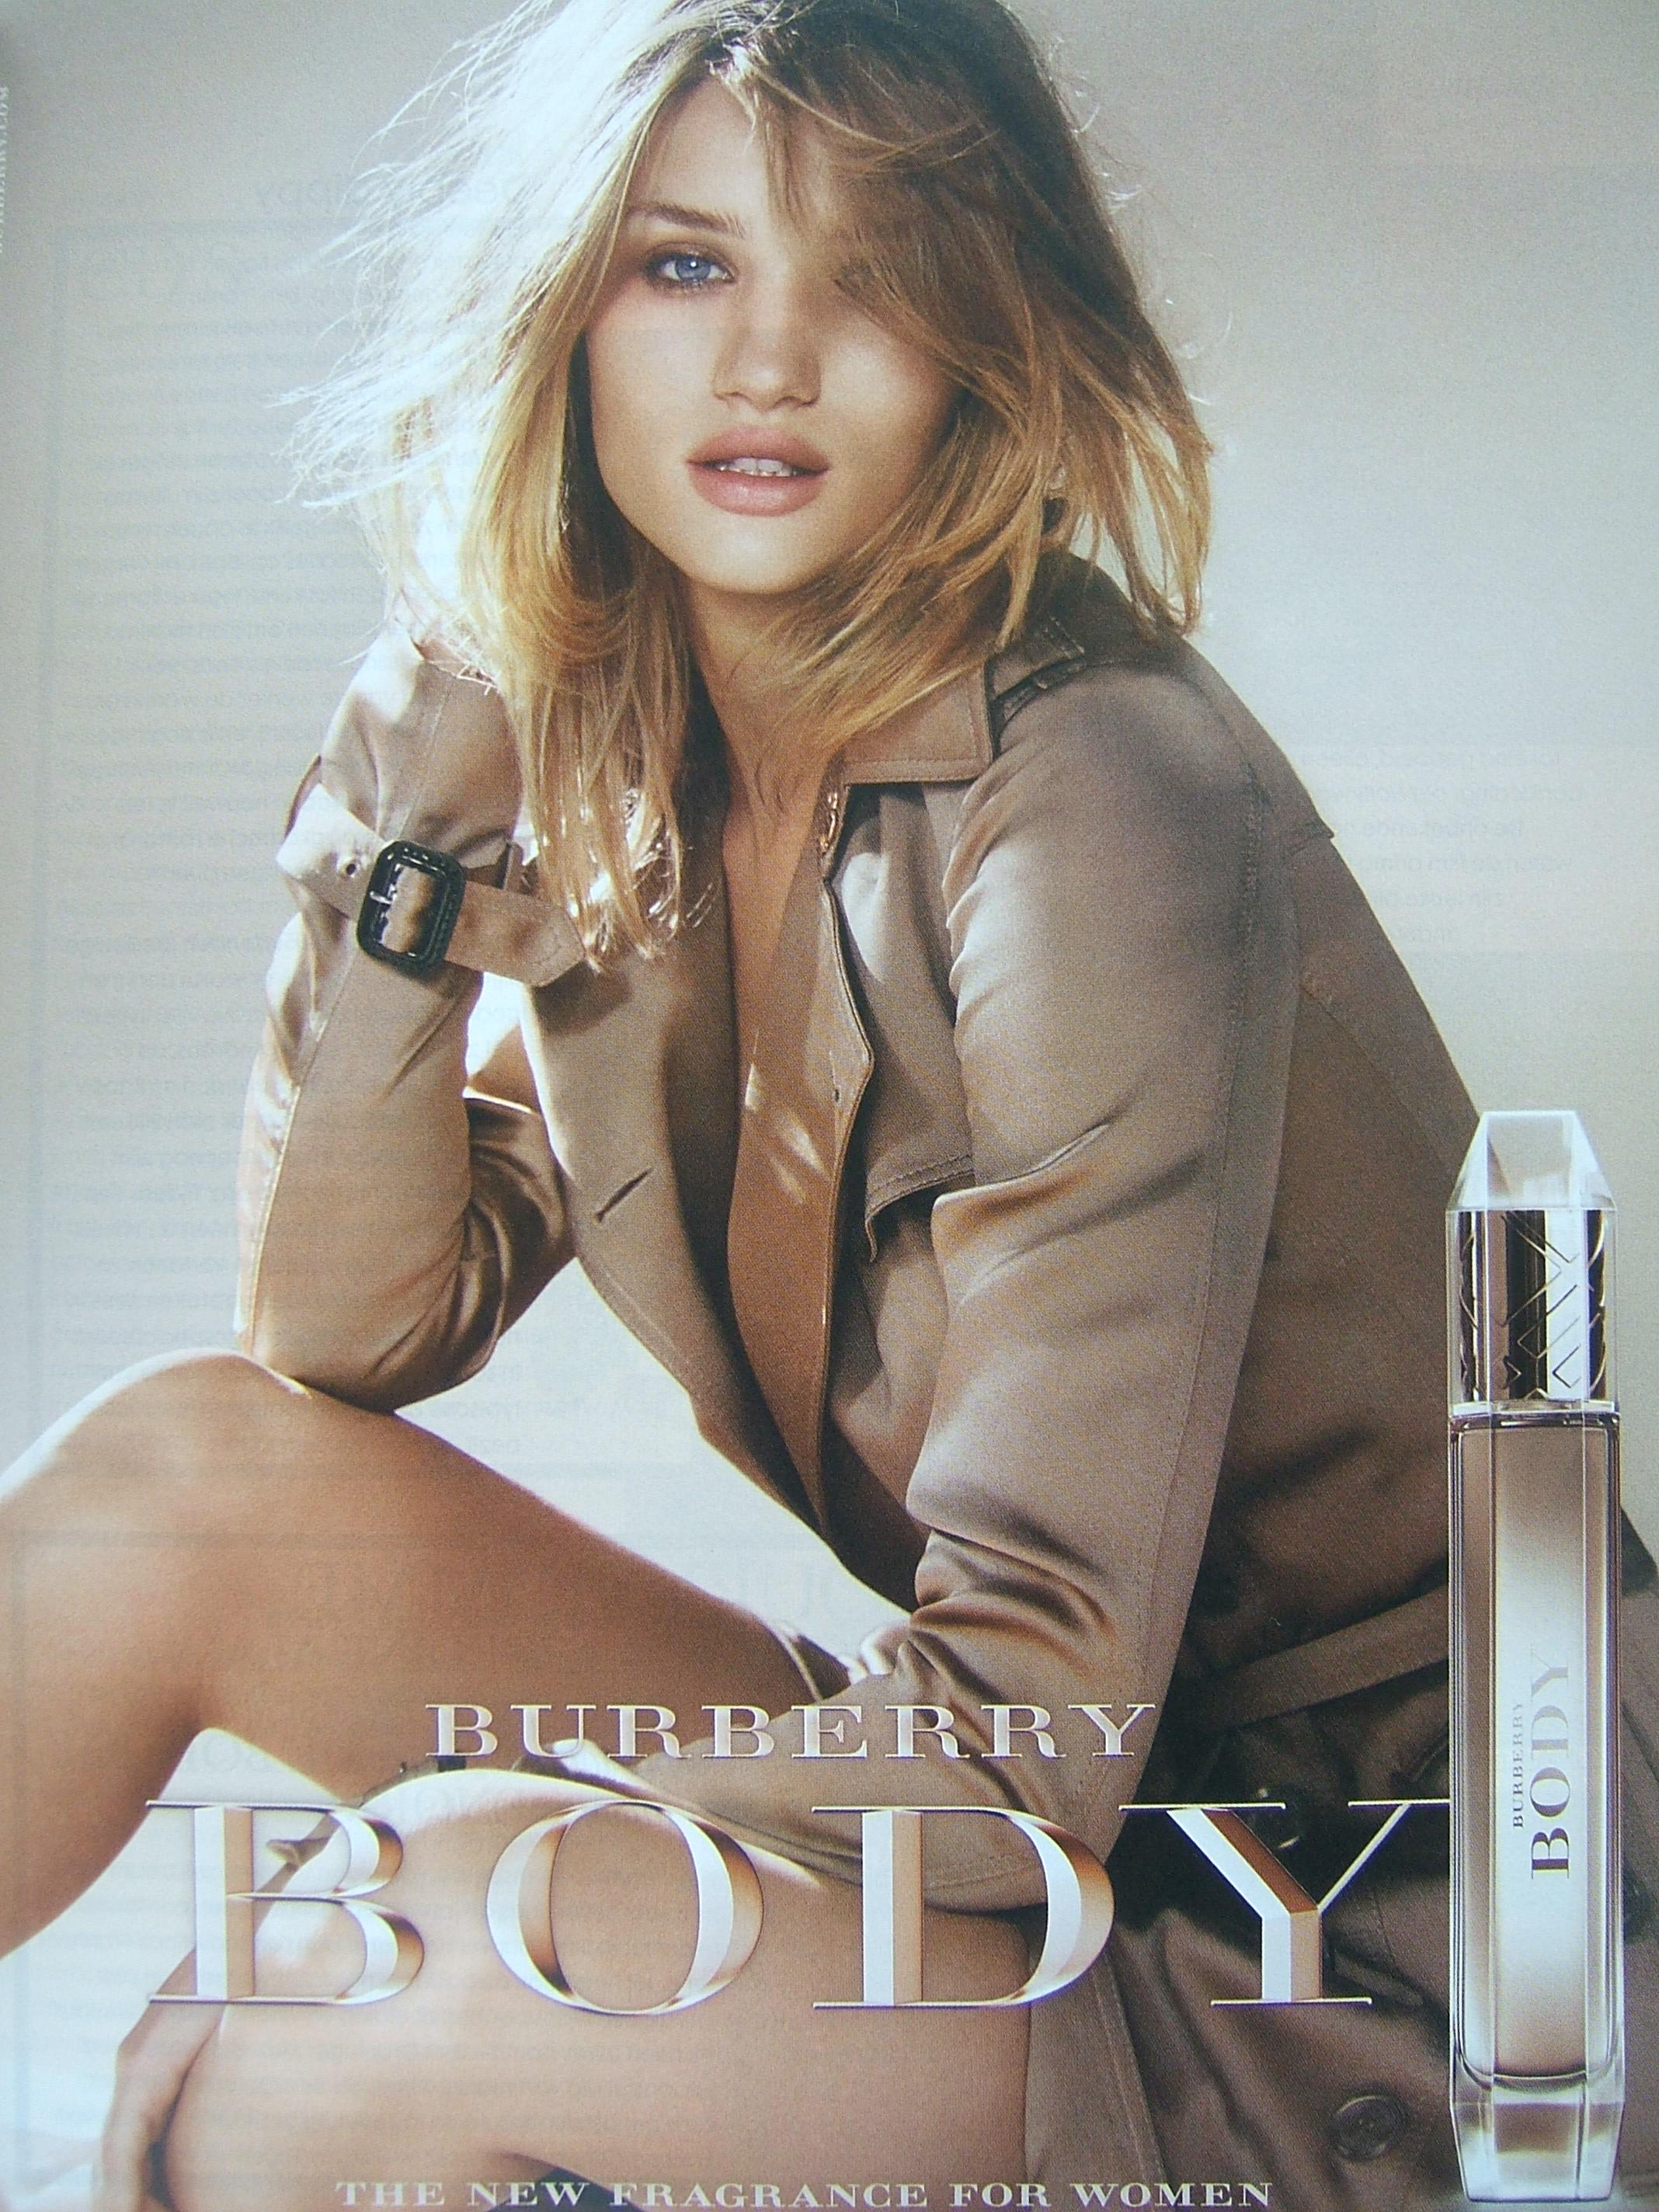 Parfum Advertentie Fashion View